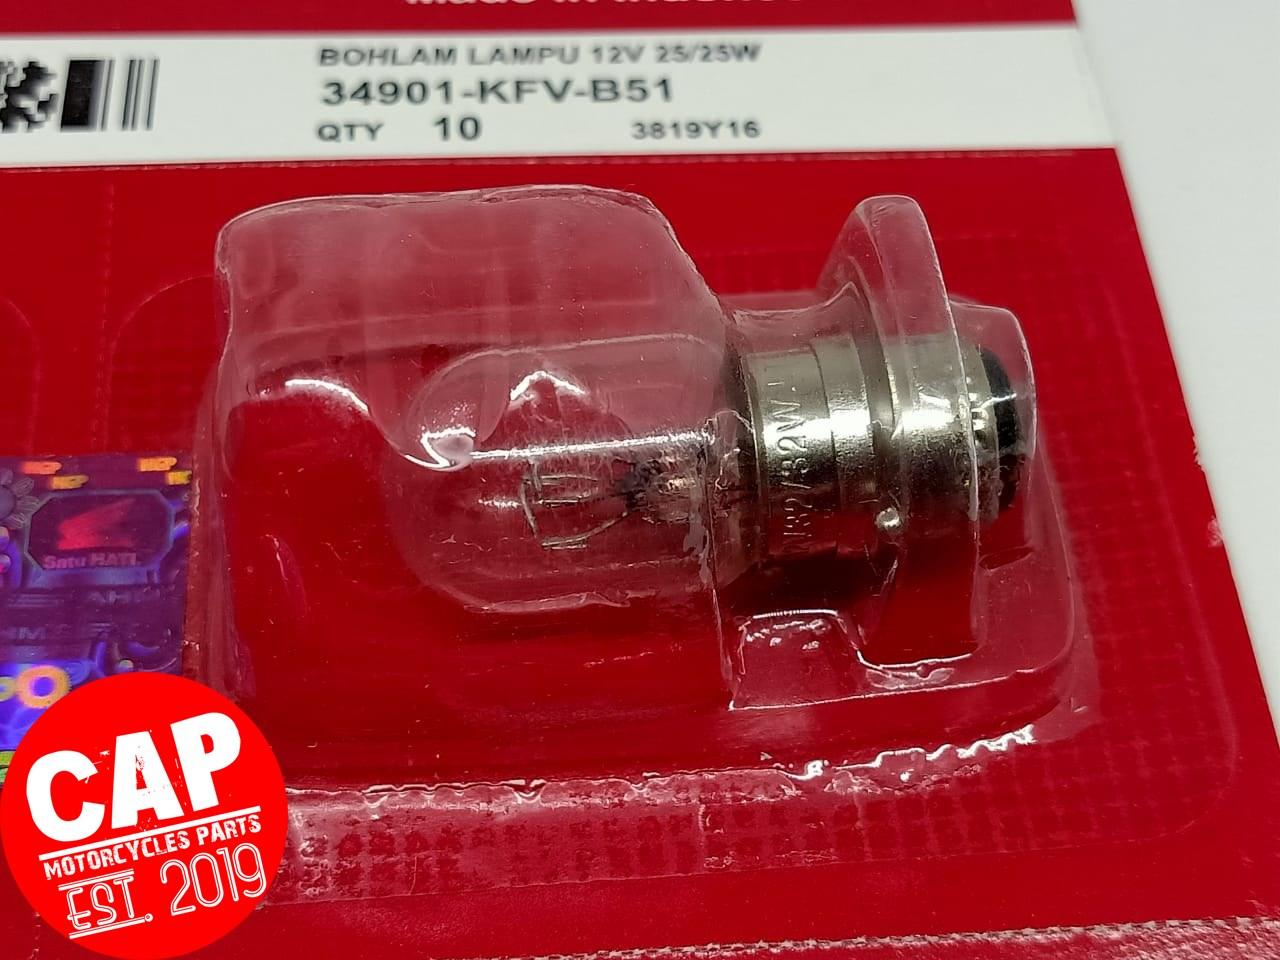 [Grosir 10 Pcs]Bohlam Depan Lampu Honda 12V 25/25 Watt Grand Vario Beat KFV